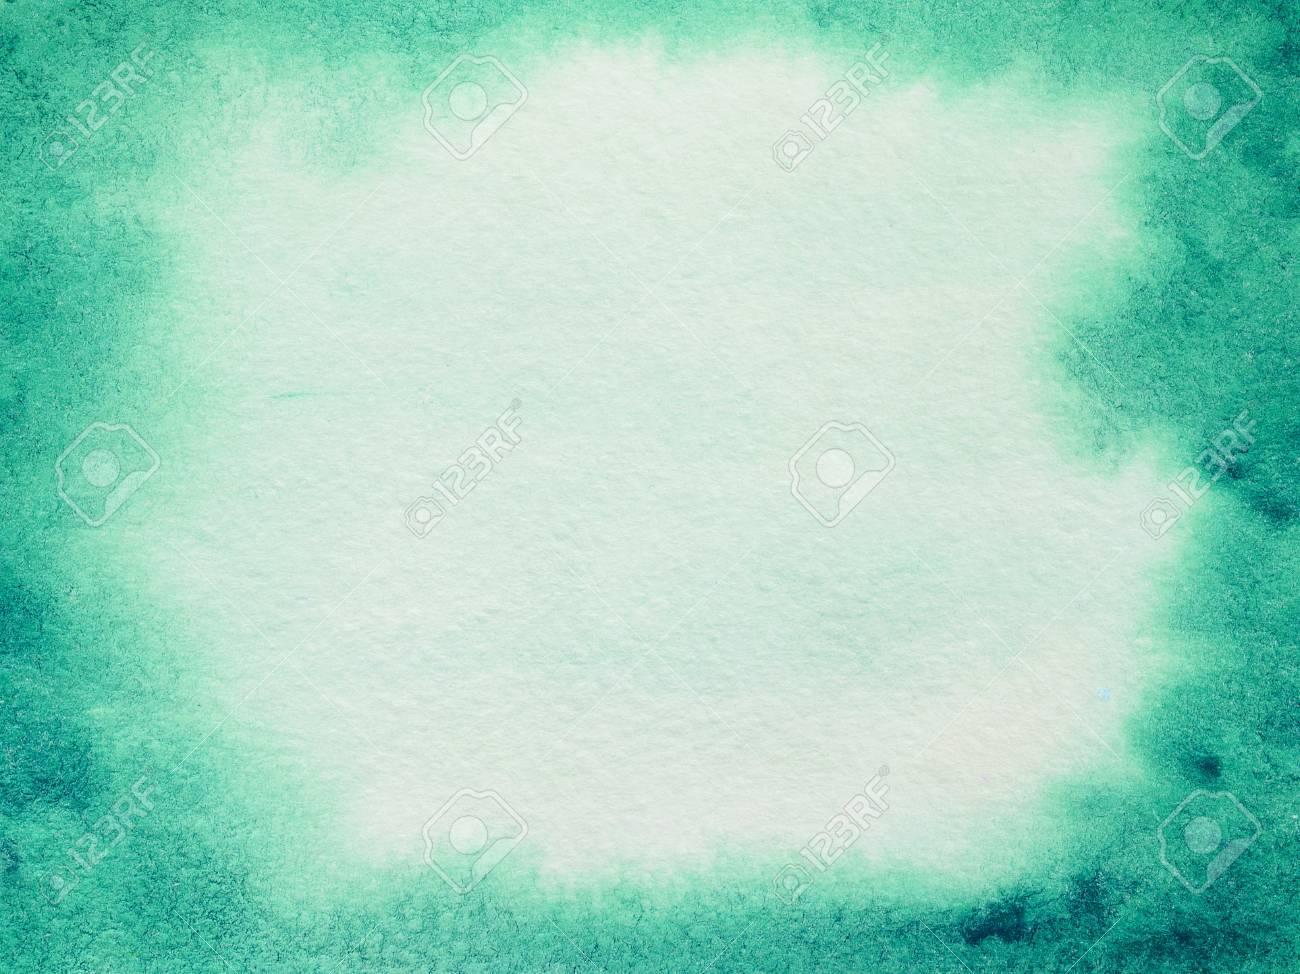 Aquarelle Arrire Plan Abstrait Avec Votre Texte Ou Lments De Conception Gradient Fond Vert